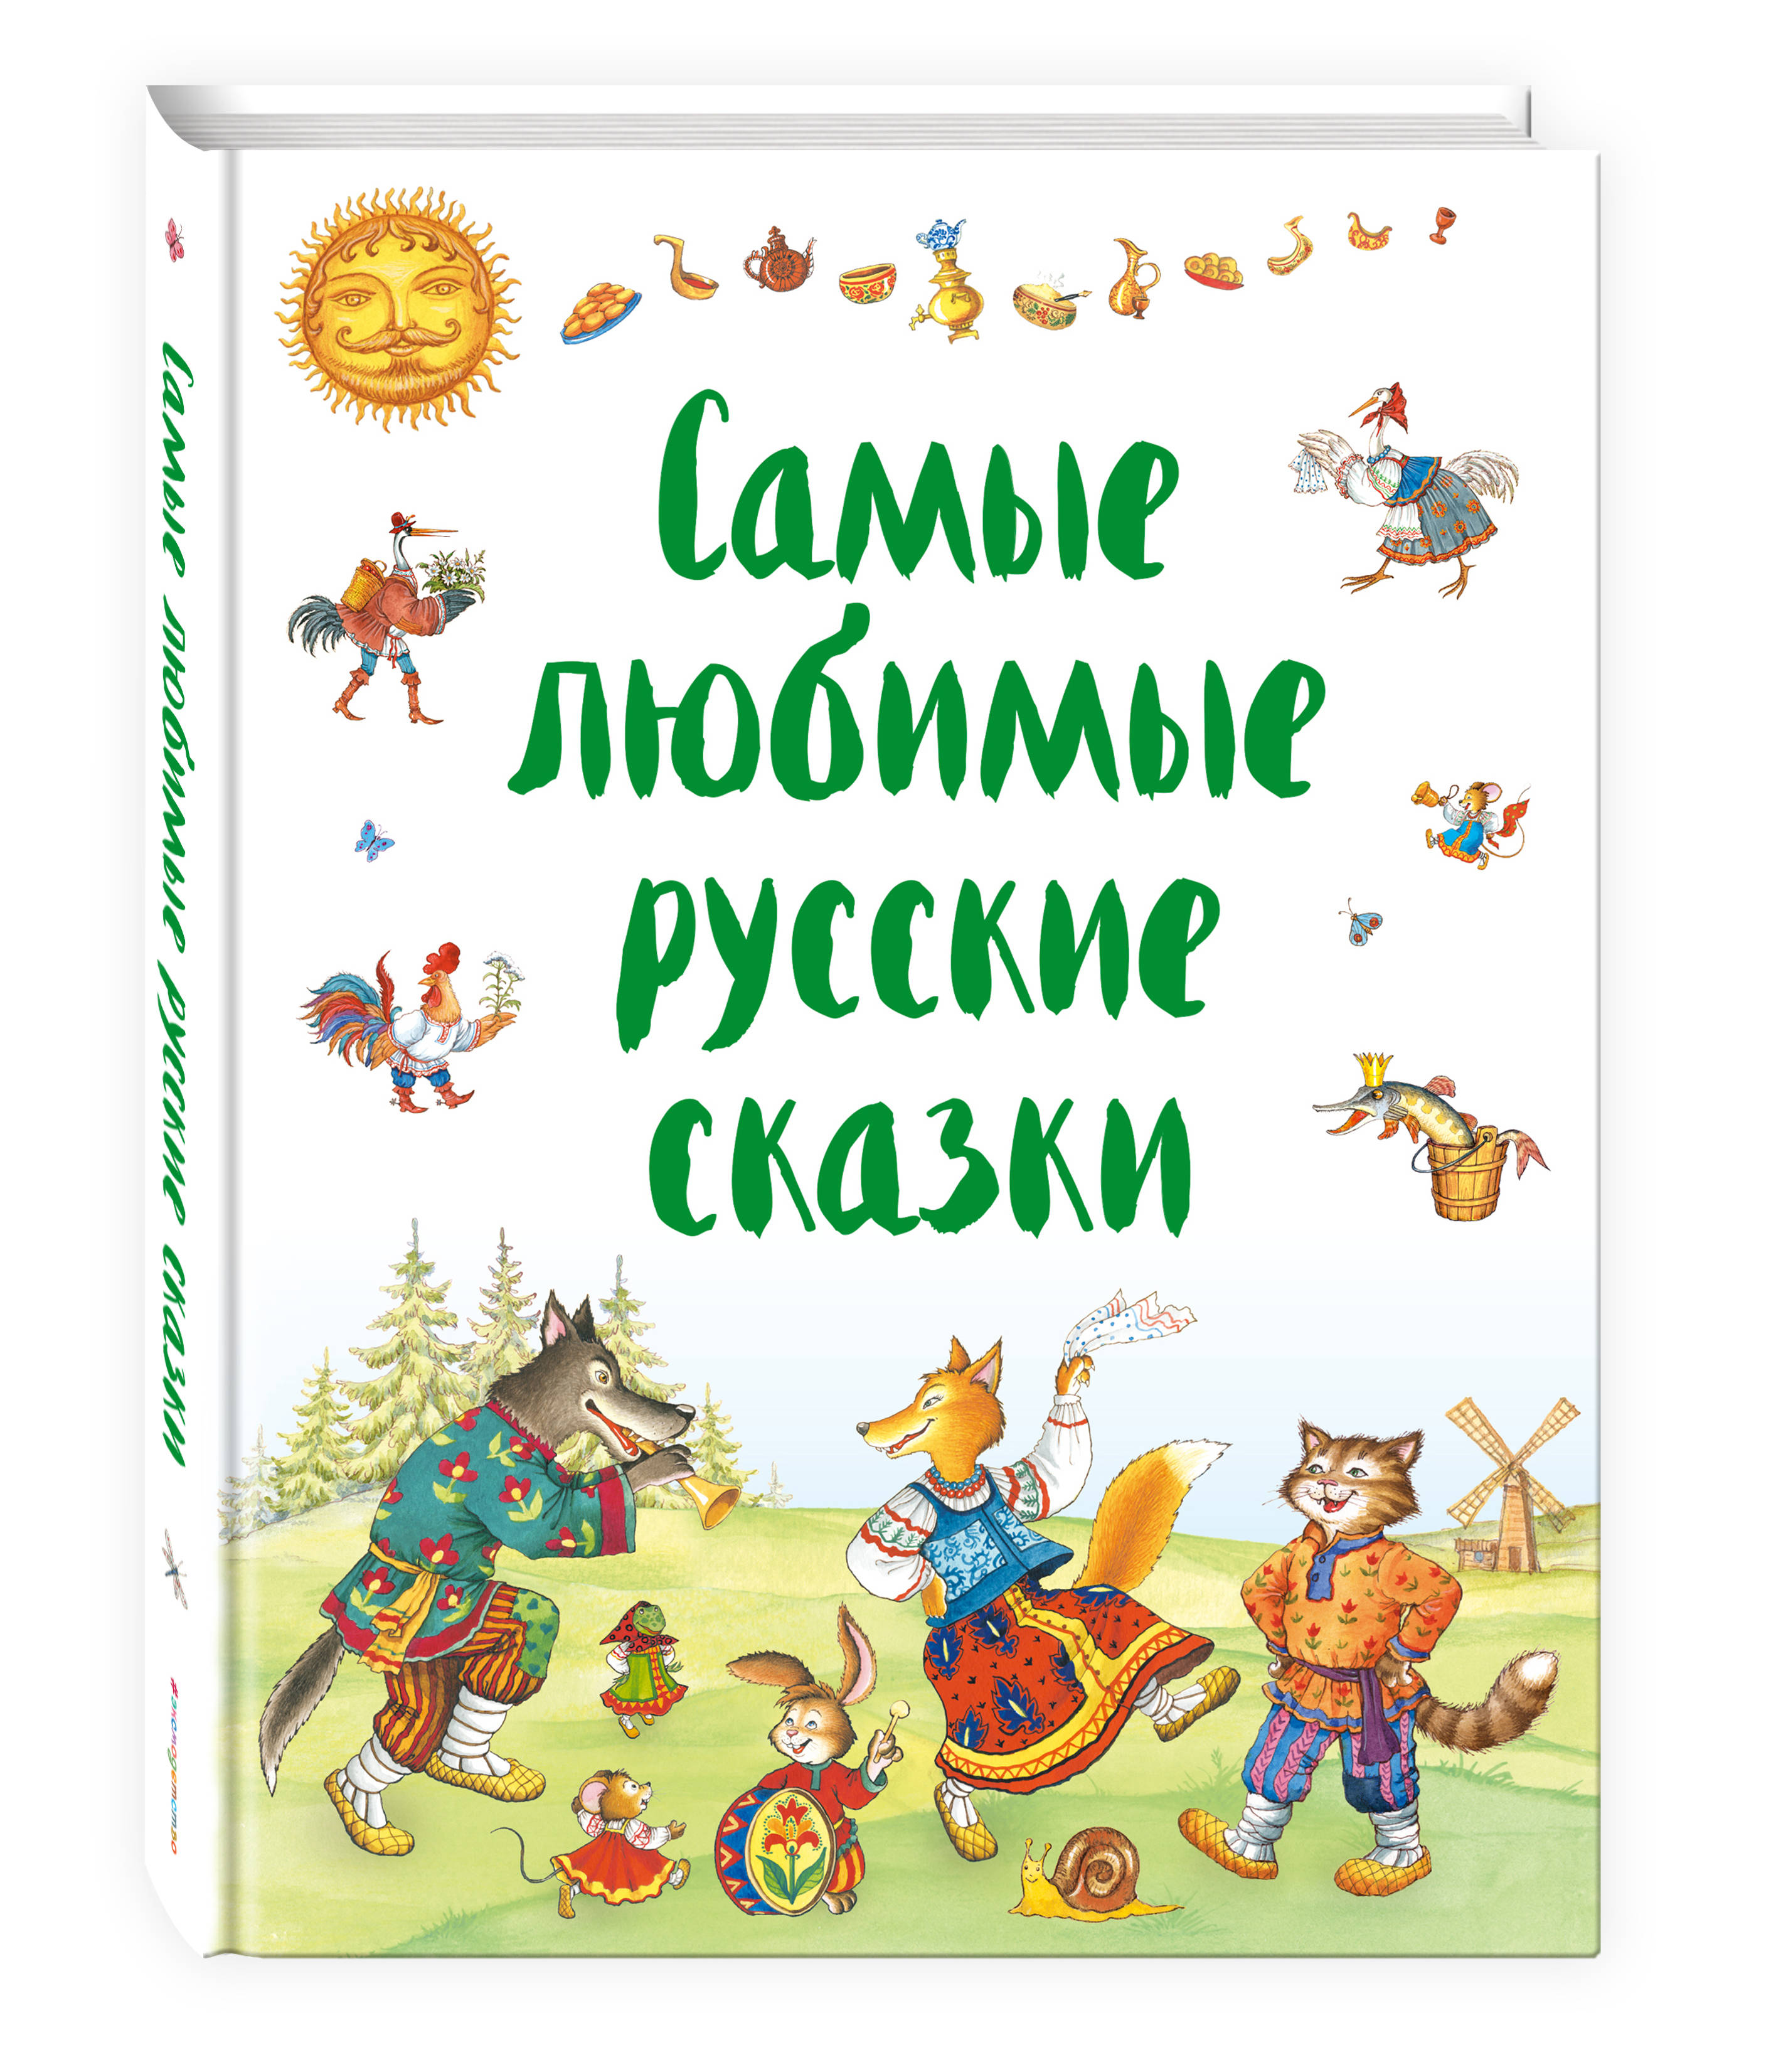 Самые любимые русские сказки сказки best русские народные сказки